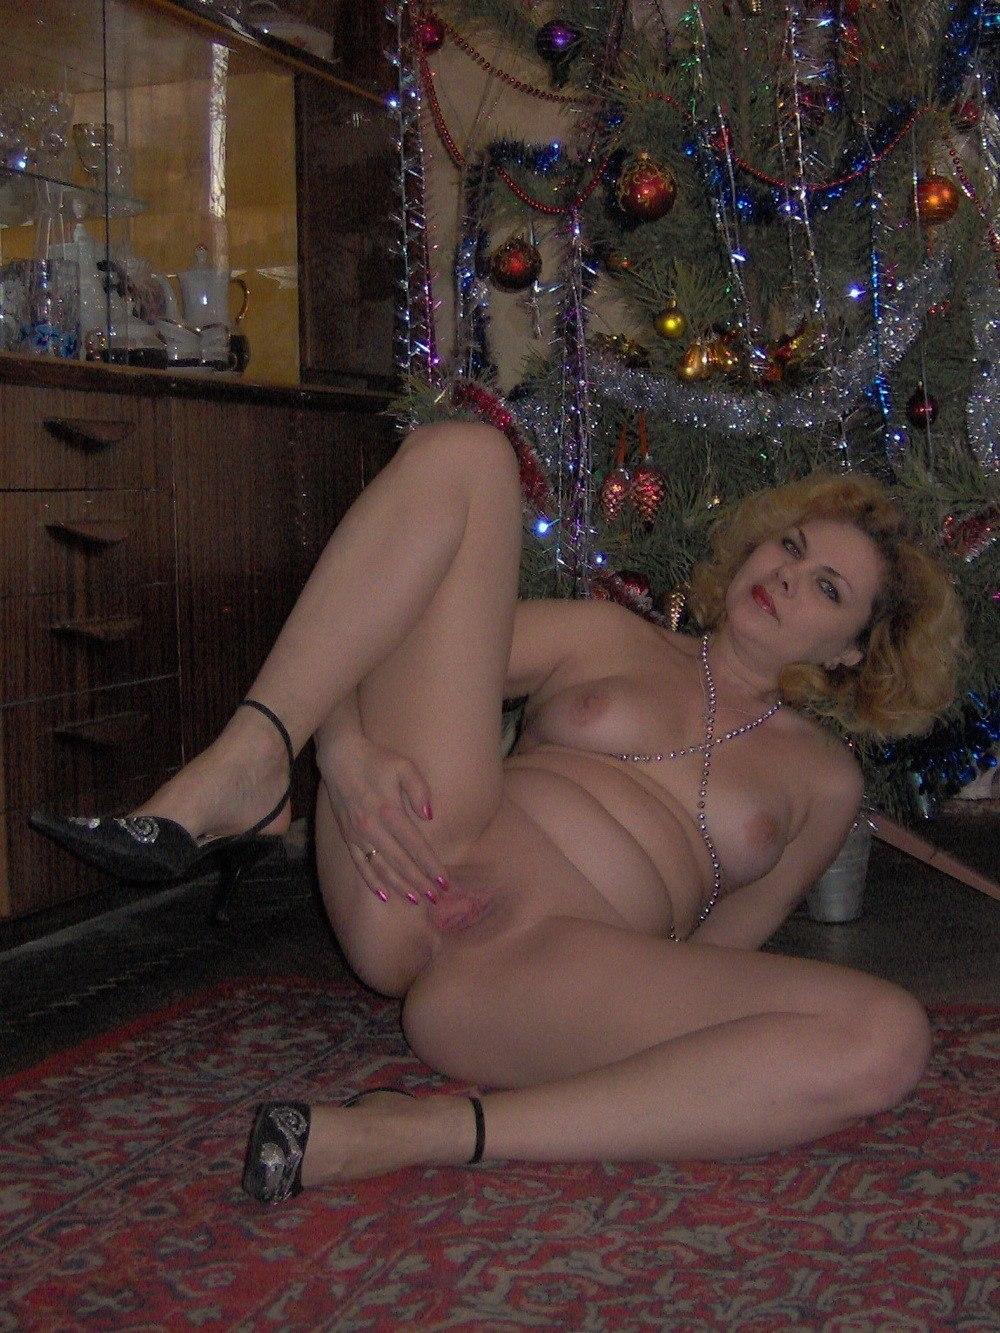 петрозаводск проститутки фото